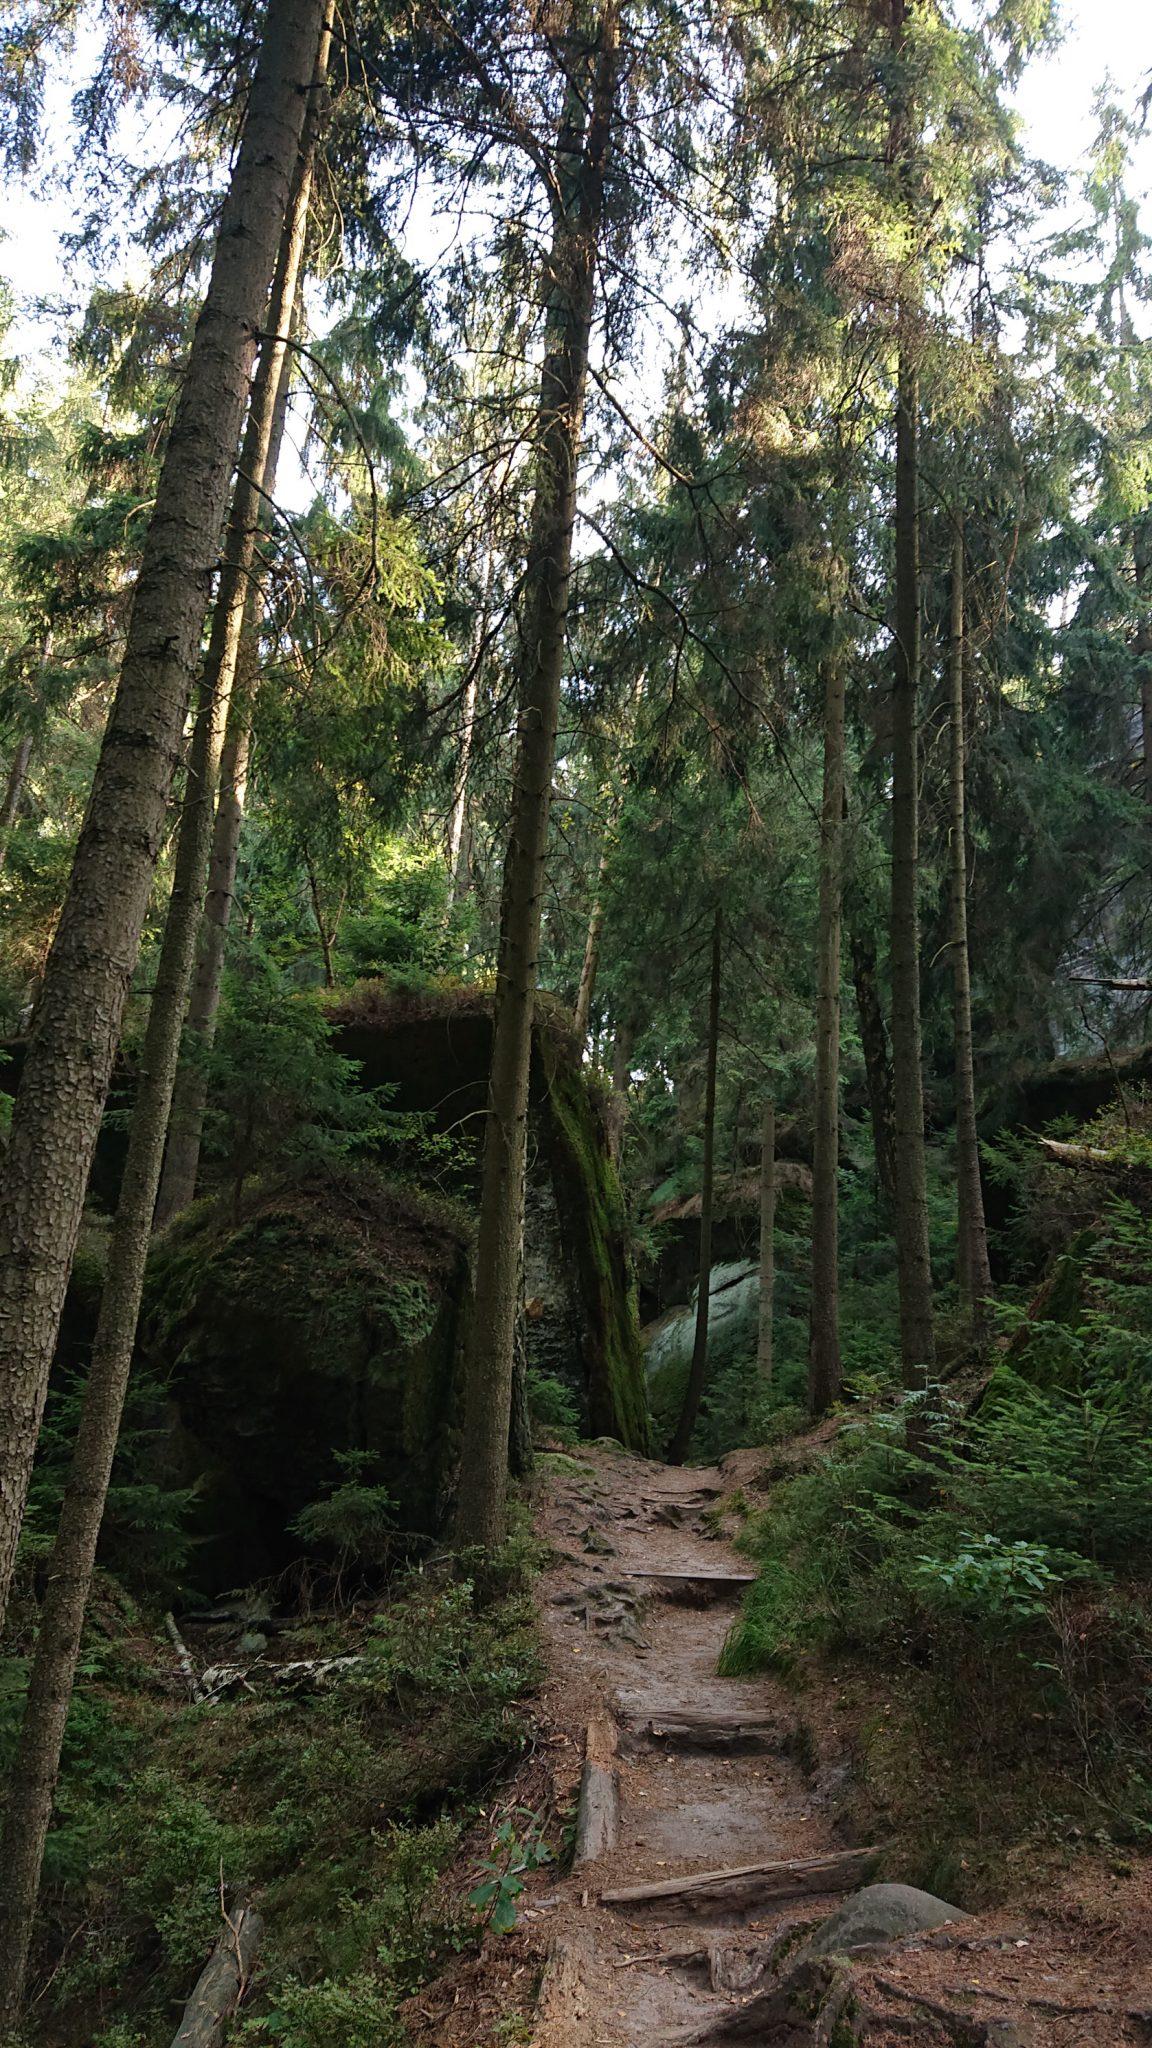 Affensteinweg Frienstein Carolafelsen und Wilde Hölle, Wanderweg im Wanderparadies Sächsische Schweiz mit vielen tollen Aussichten, riesiger Felsennationalpark, schöner Wald